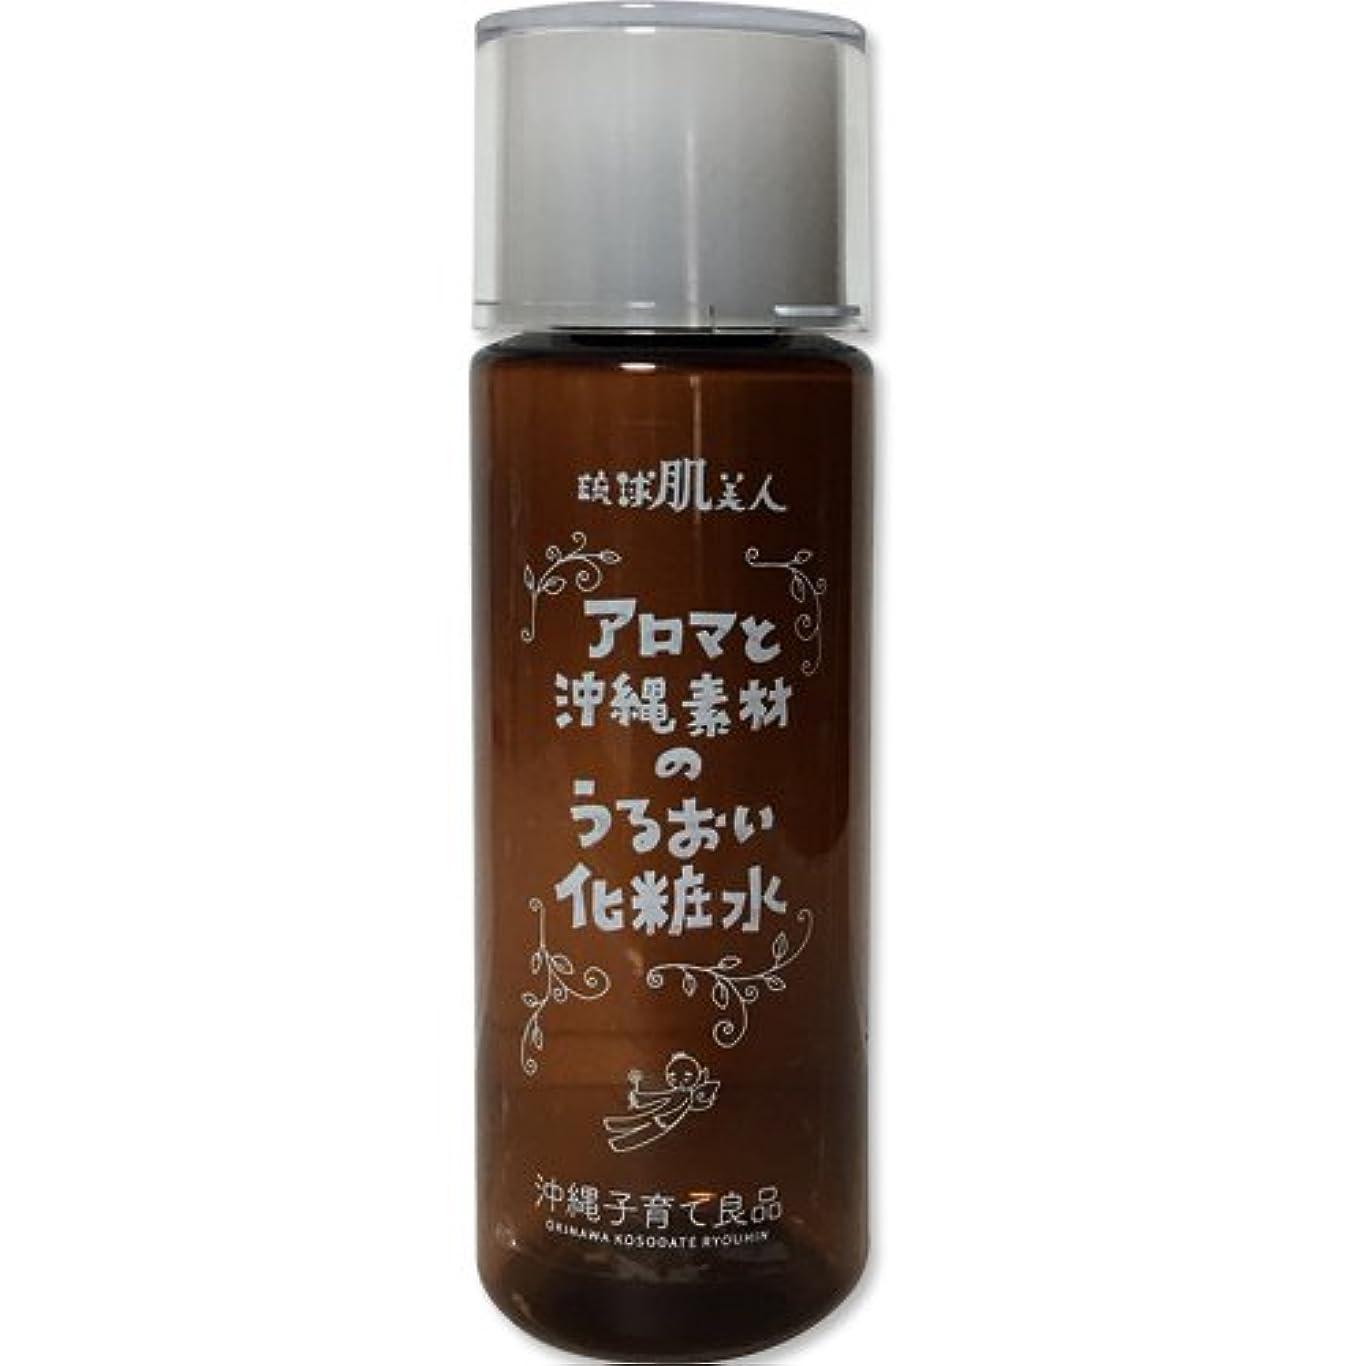 ハーネス月曜日配列保湿 化粧水 無添加 アルコールフリー アロマと沖縄素材のうるおい化粧水 120ml